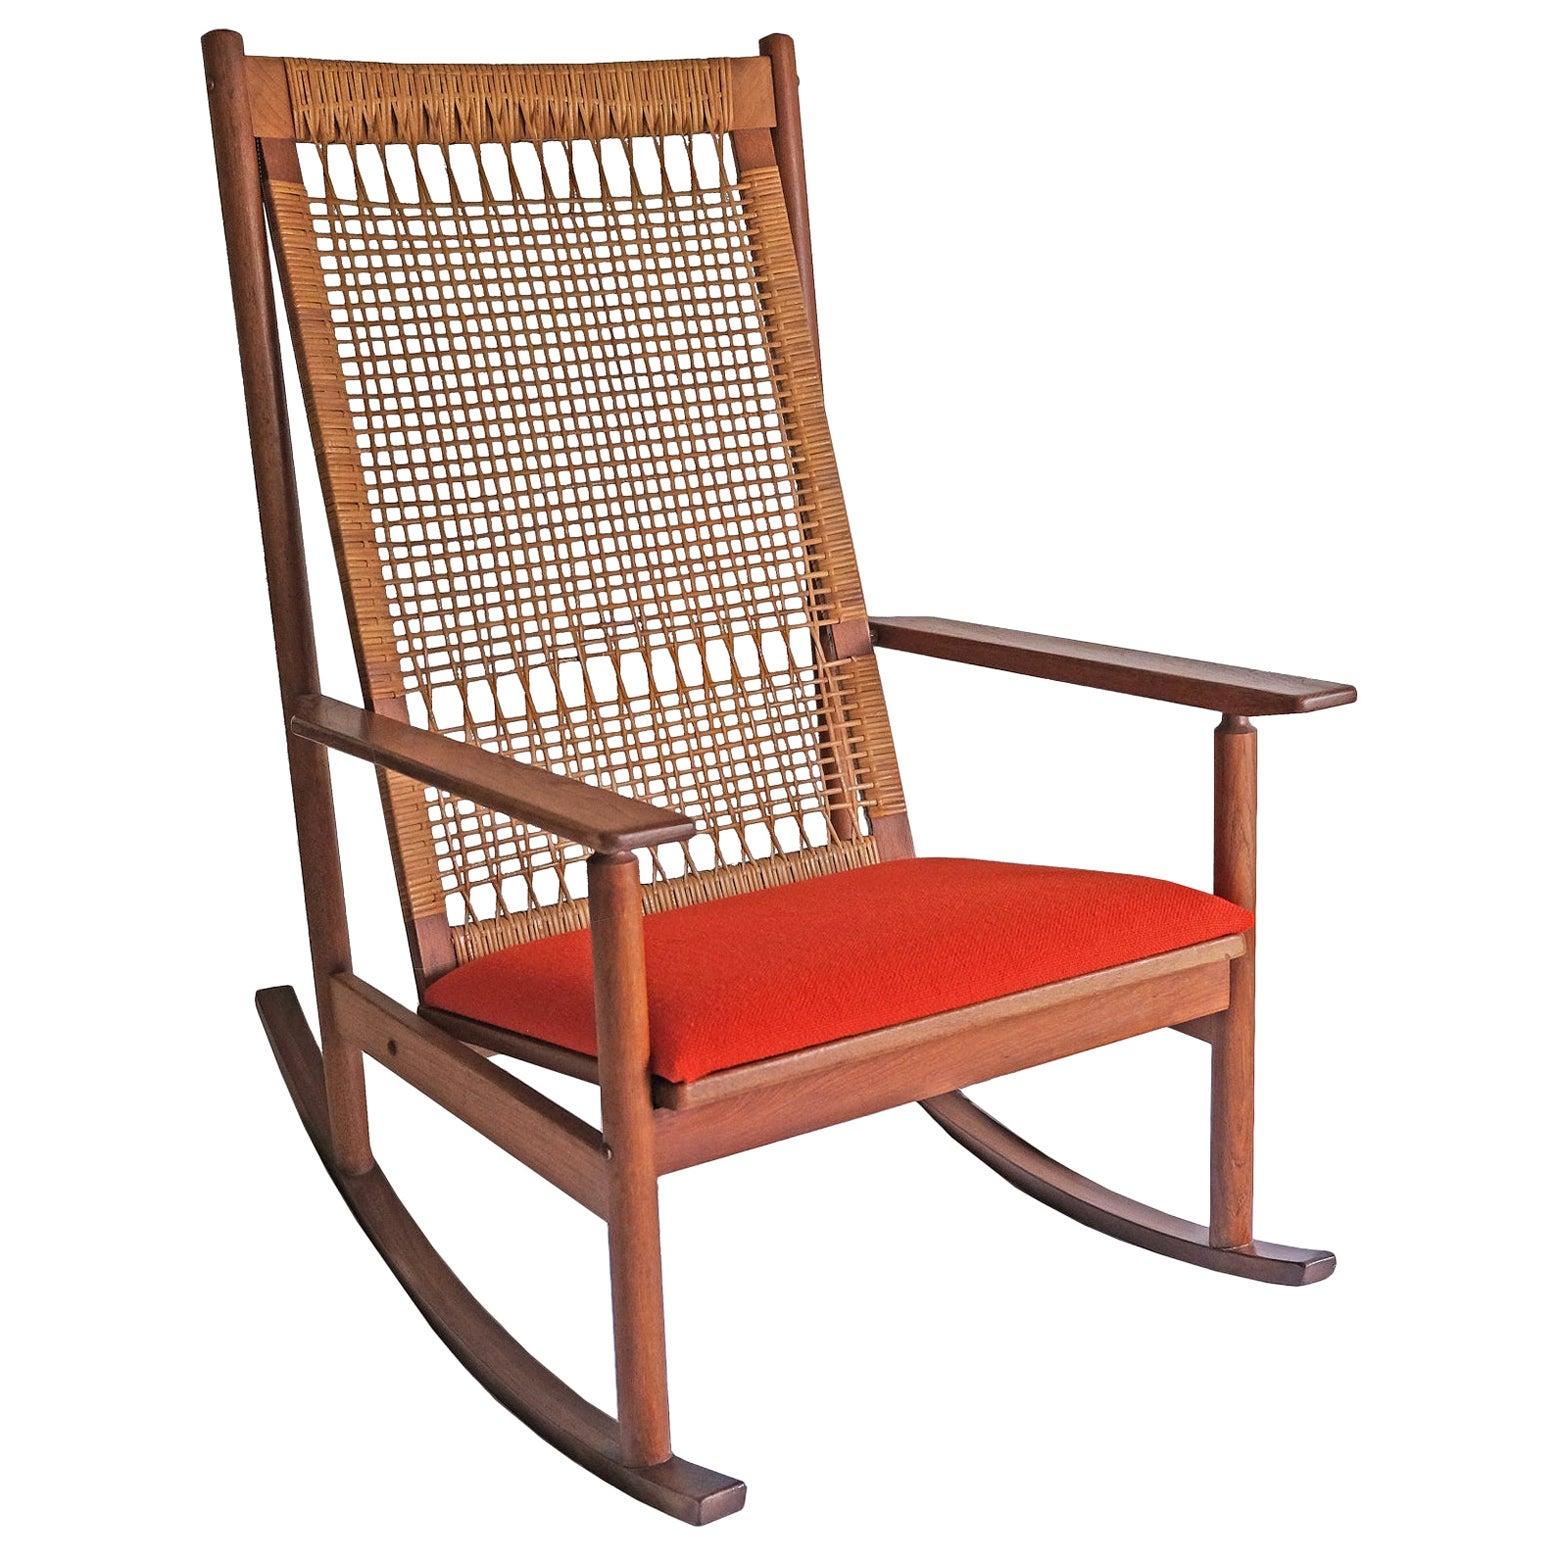 Hans Olsen, Rocking Chair, Juul Kristensen, 1960s